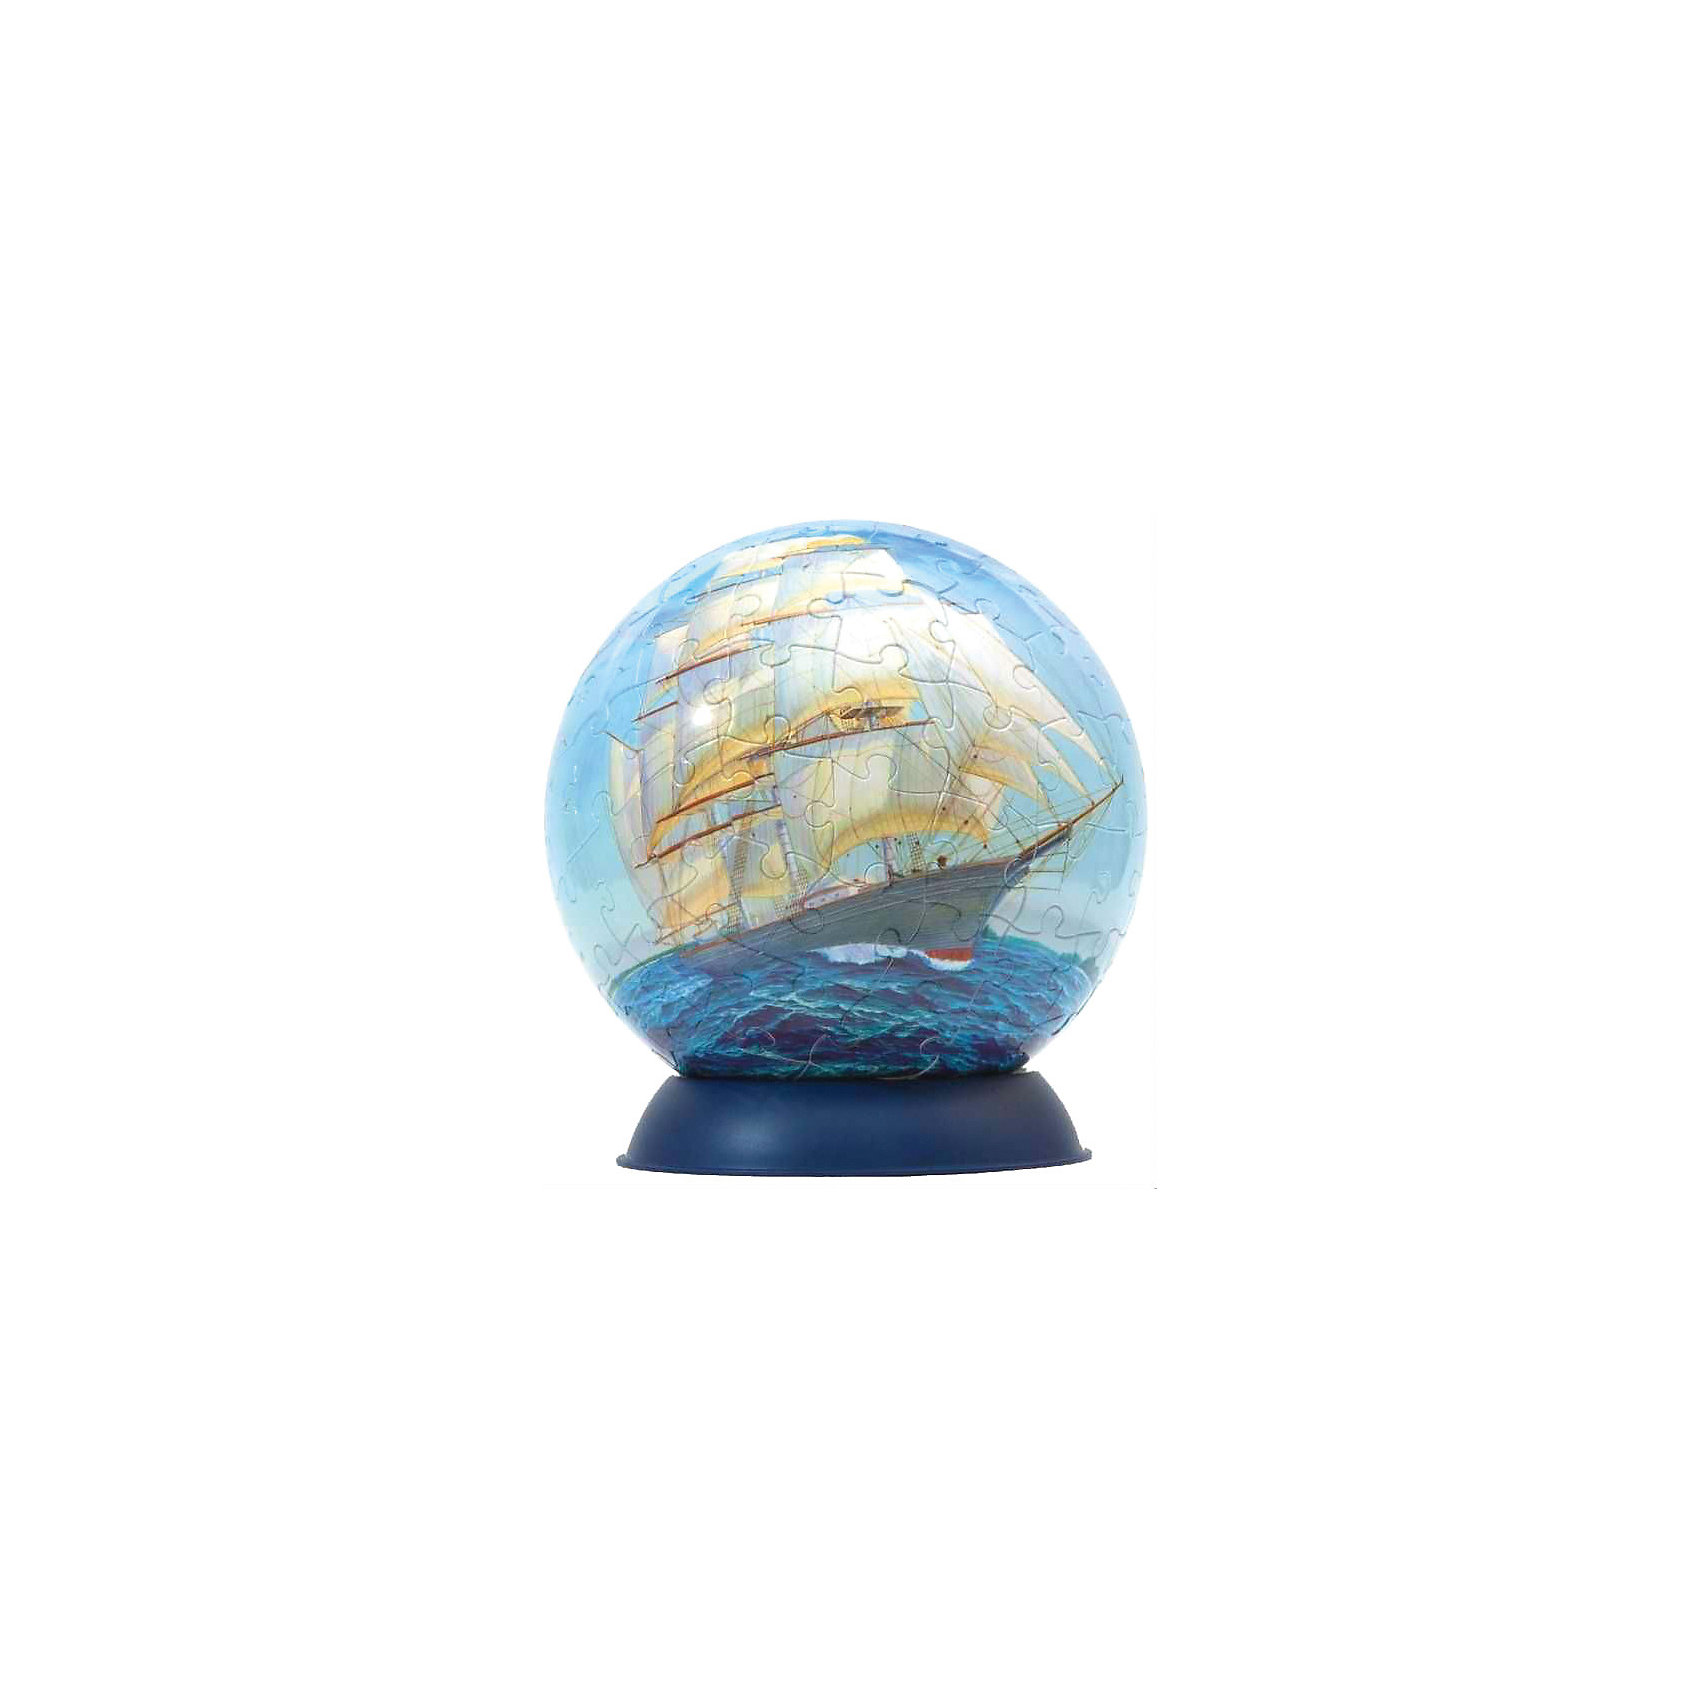 Пазл-шар Корабли, 108 деталейПазлы-шары<br>Характеристики товара:<br><br>• возраст: от 6 лет;<br>• материал: пластик;<br>• в комплекте: 108 элементов, подставка;<br>• диаметр шара: 14 см;<br>• размер упаковки: 23х21,5х5 см;<br>• вес упаковки: 330 гр.;<br>• страна производитель: Россия.<br><br>Пазл-шар «Корабли» Step Puzzle — оригинальный пазл, элементы которого имеют изогнутую форму и собираются вместе, образуя шар. Собрав его, получается объемная фигура с яркими изображениями.<br><br>В процессе сборки пазла развиваются мелкая моторика рук, усидчивость, внимательность, логическое мышление. Все детали выполнены из качественного прочного пластика и надежно скрепляются между собой.<br><br>Пазл-шар «Корабли» Step Puzzle можно приобрести в нашем интернет-магазине.<br><br>Ширина мм: 230<br>Глубина мм: 215<br>Высота мм: 50<br>Вес г: 330<br>Возраст от месяцев: 72<br>Возраст до месяцев: 2147483647<br>Пол: Унисекс<br>Возраст: Детский<br>Количество деталей: 108<br>SKU: 5346230